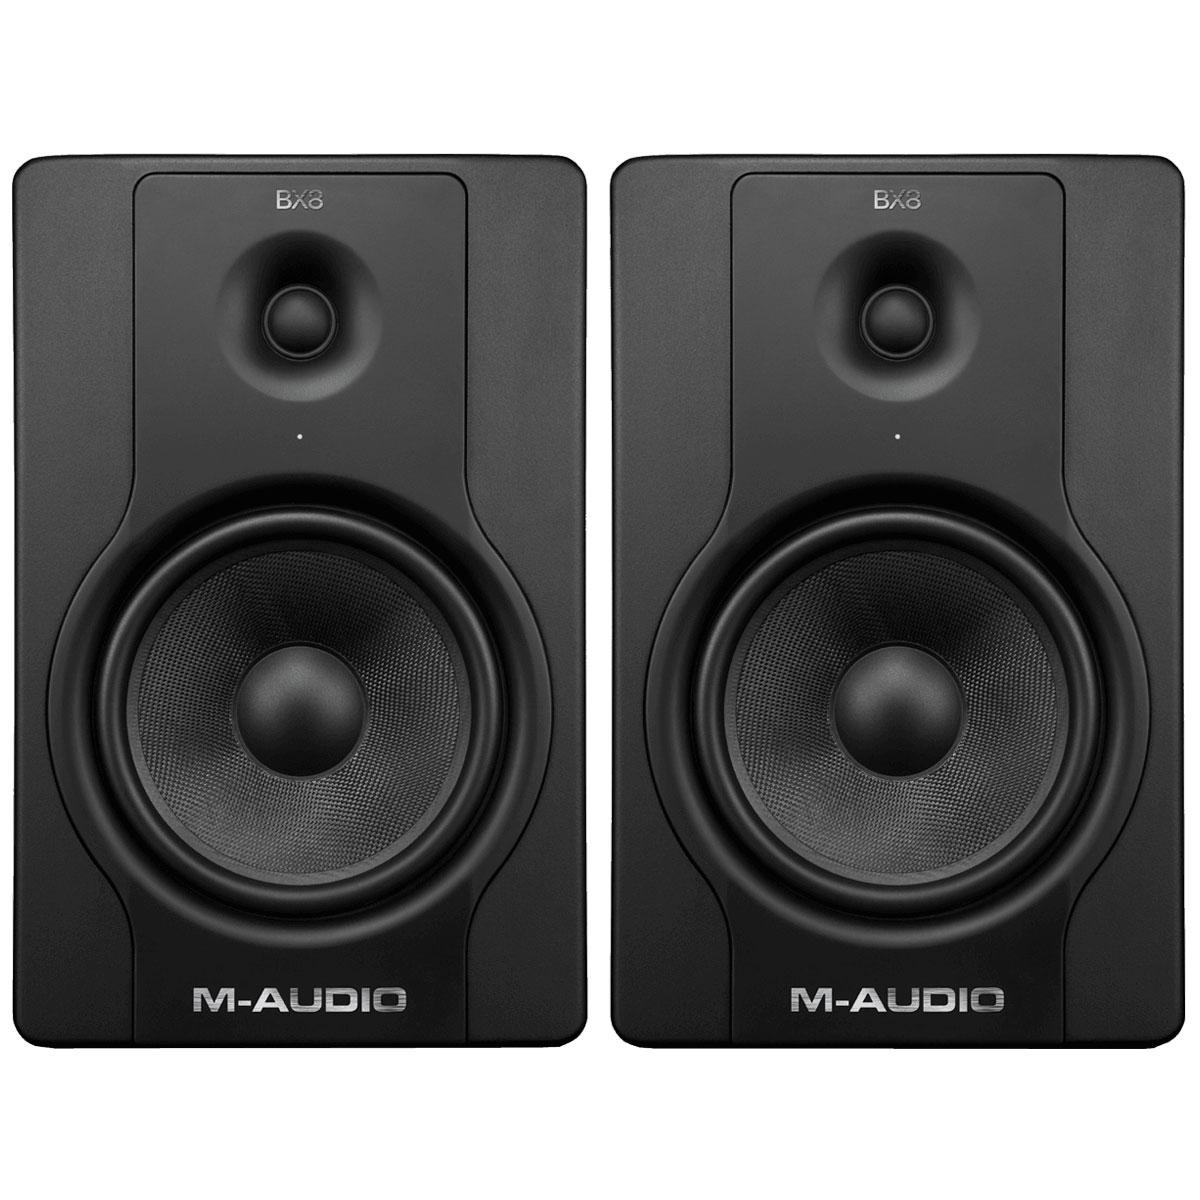 m audio bx8 d2 enceintes monitoring m audio sur. Black Bedroom Furniture Sets. Home Design Ideas